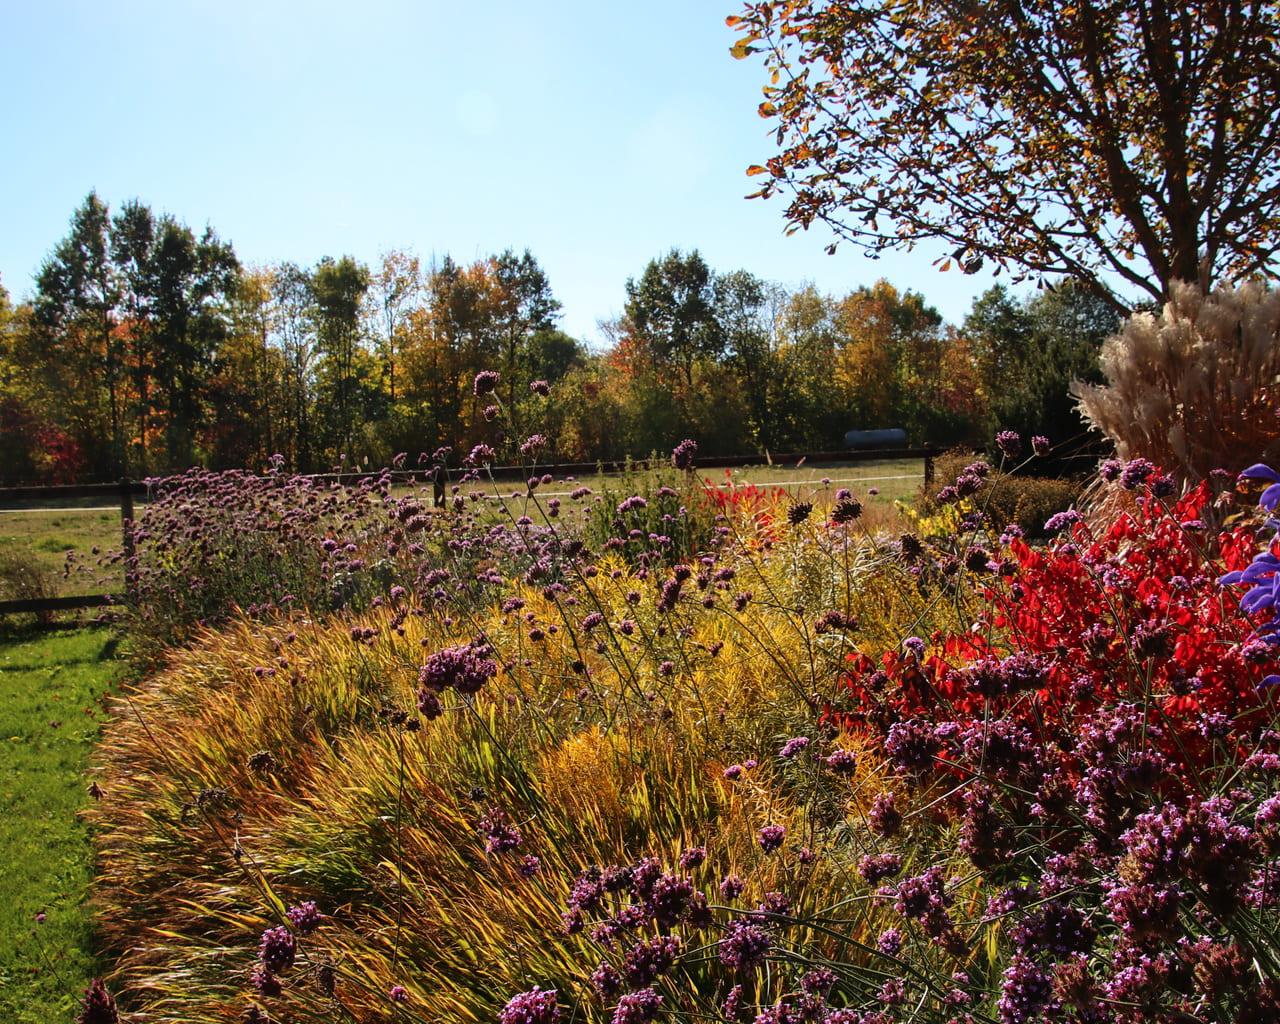 Herbstfärbung mit Japanwaldgras , Röhrenstern und Pfaffenhütchen, Garten Petra Pelz in Sehnde